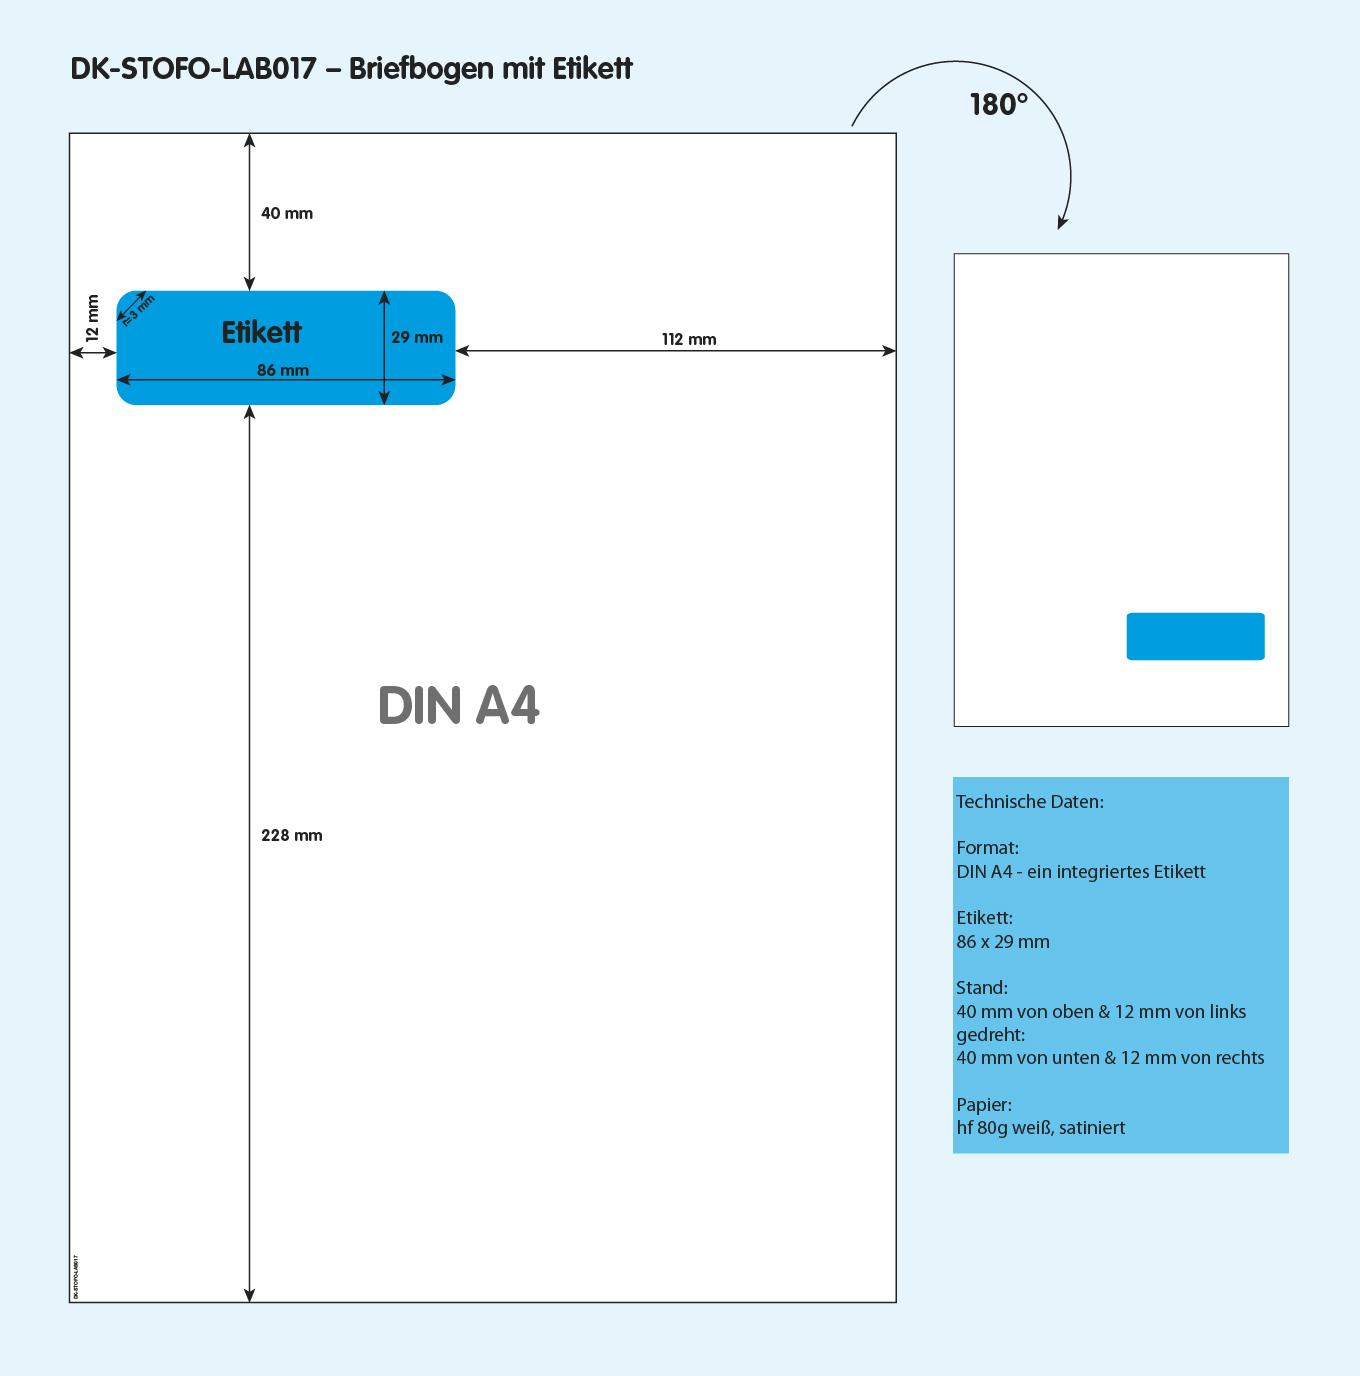 DK-STOFO-LAB017 - technische Zeichnung